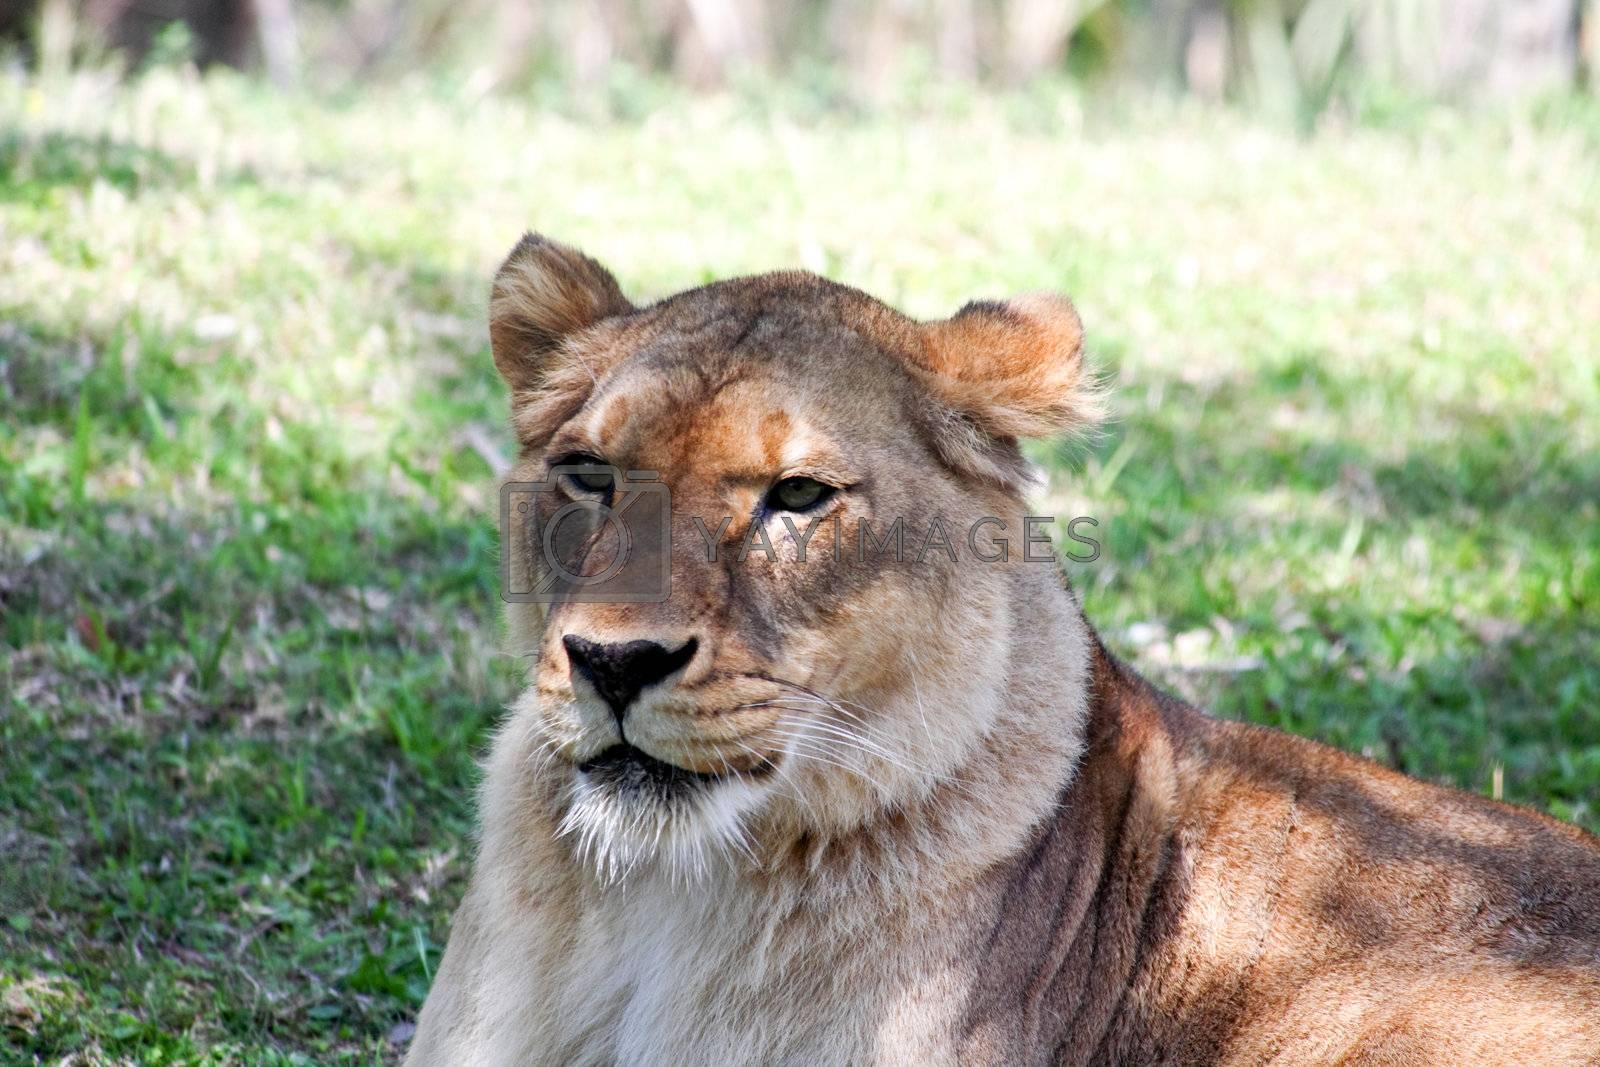 a lion closeup in a florida zoo